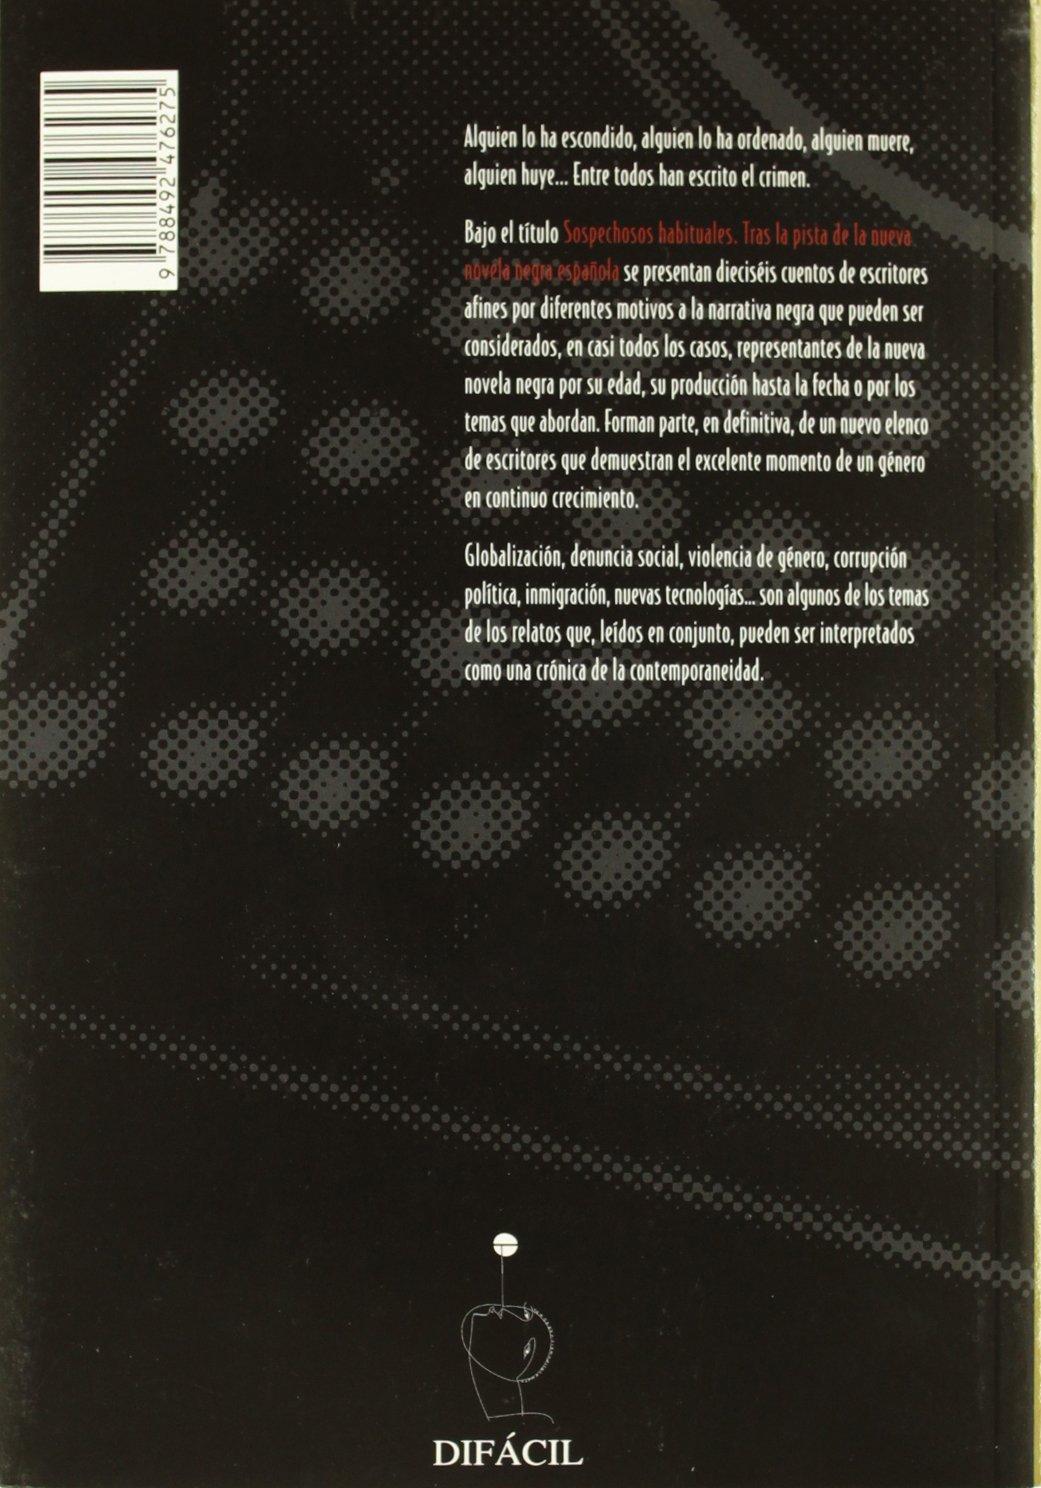 Sospechosos habituales: Amazon.es: Javier Sánchez Zapatero, Àlex Martín Escribà: Libros